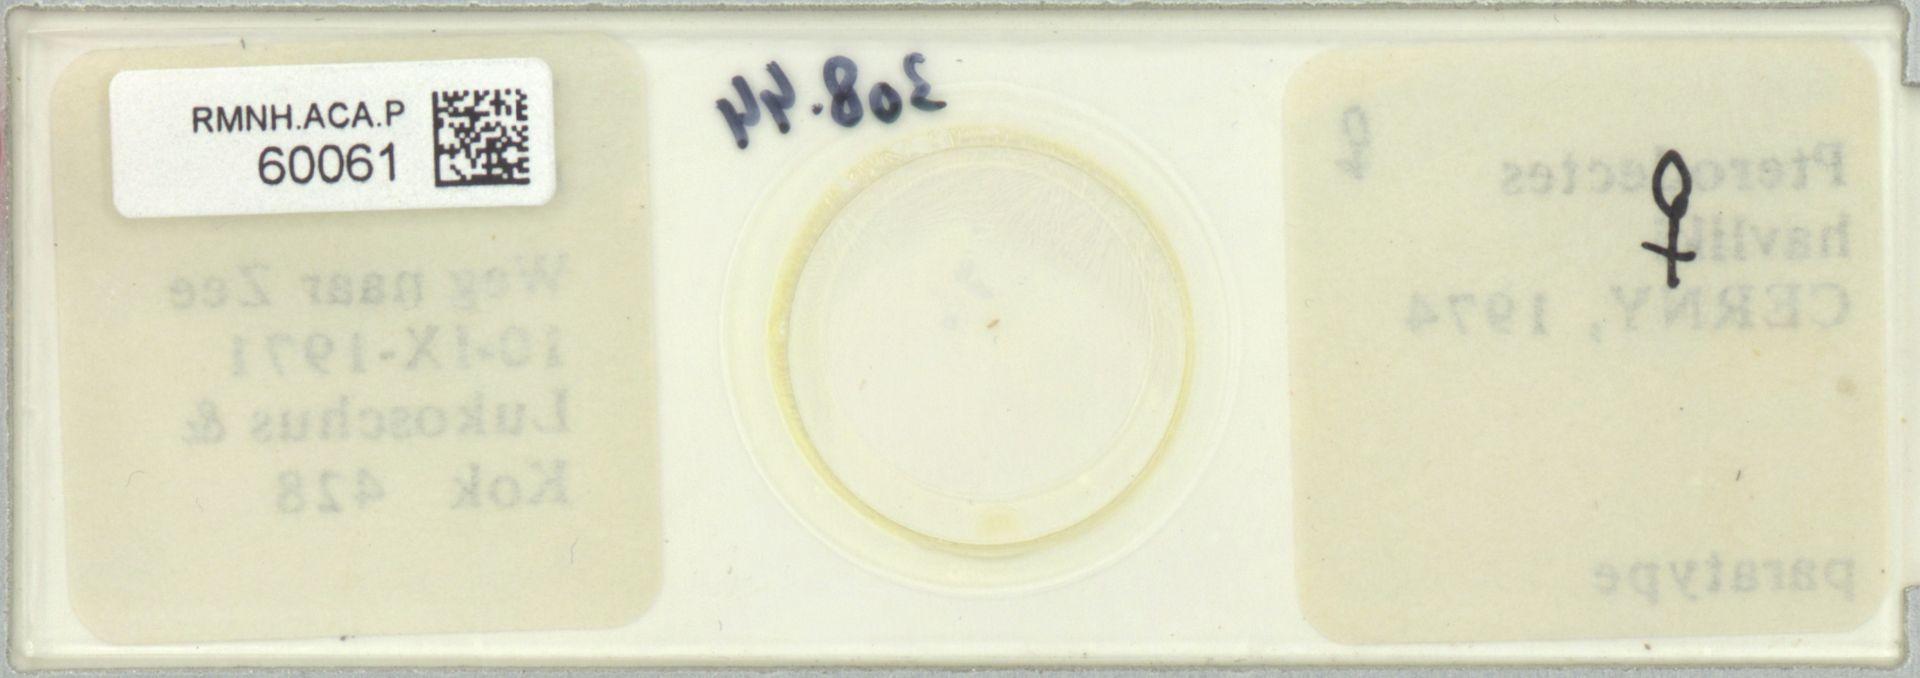 RMNH.ACA.P.60061   Pterodectes havliki Cerny, 1974